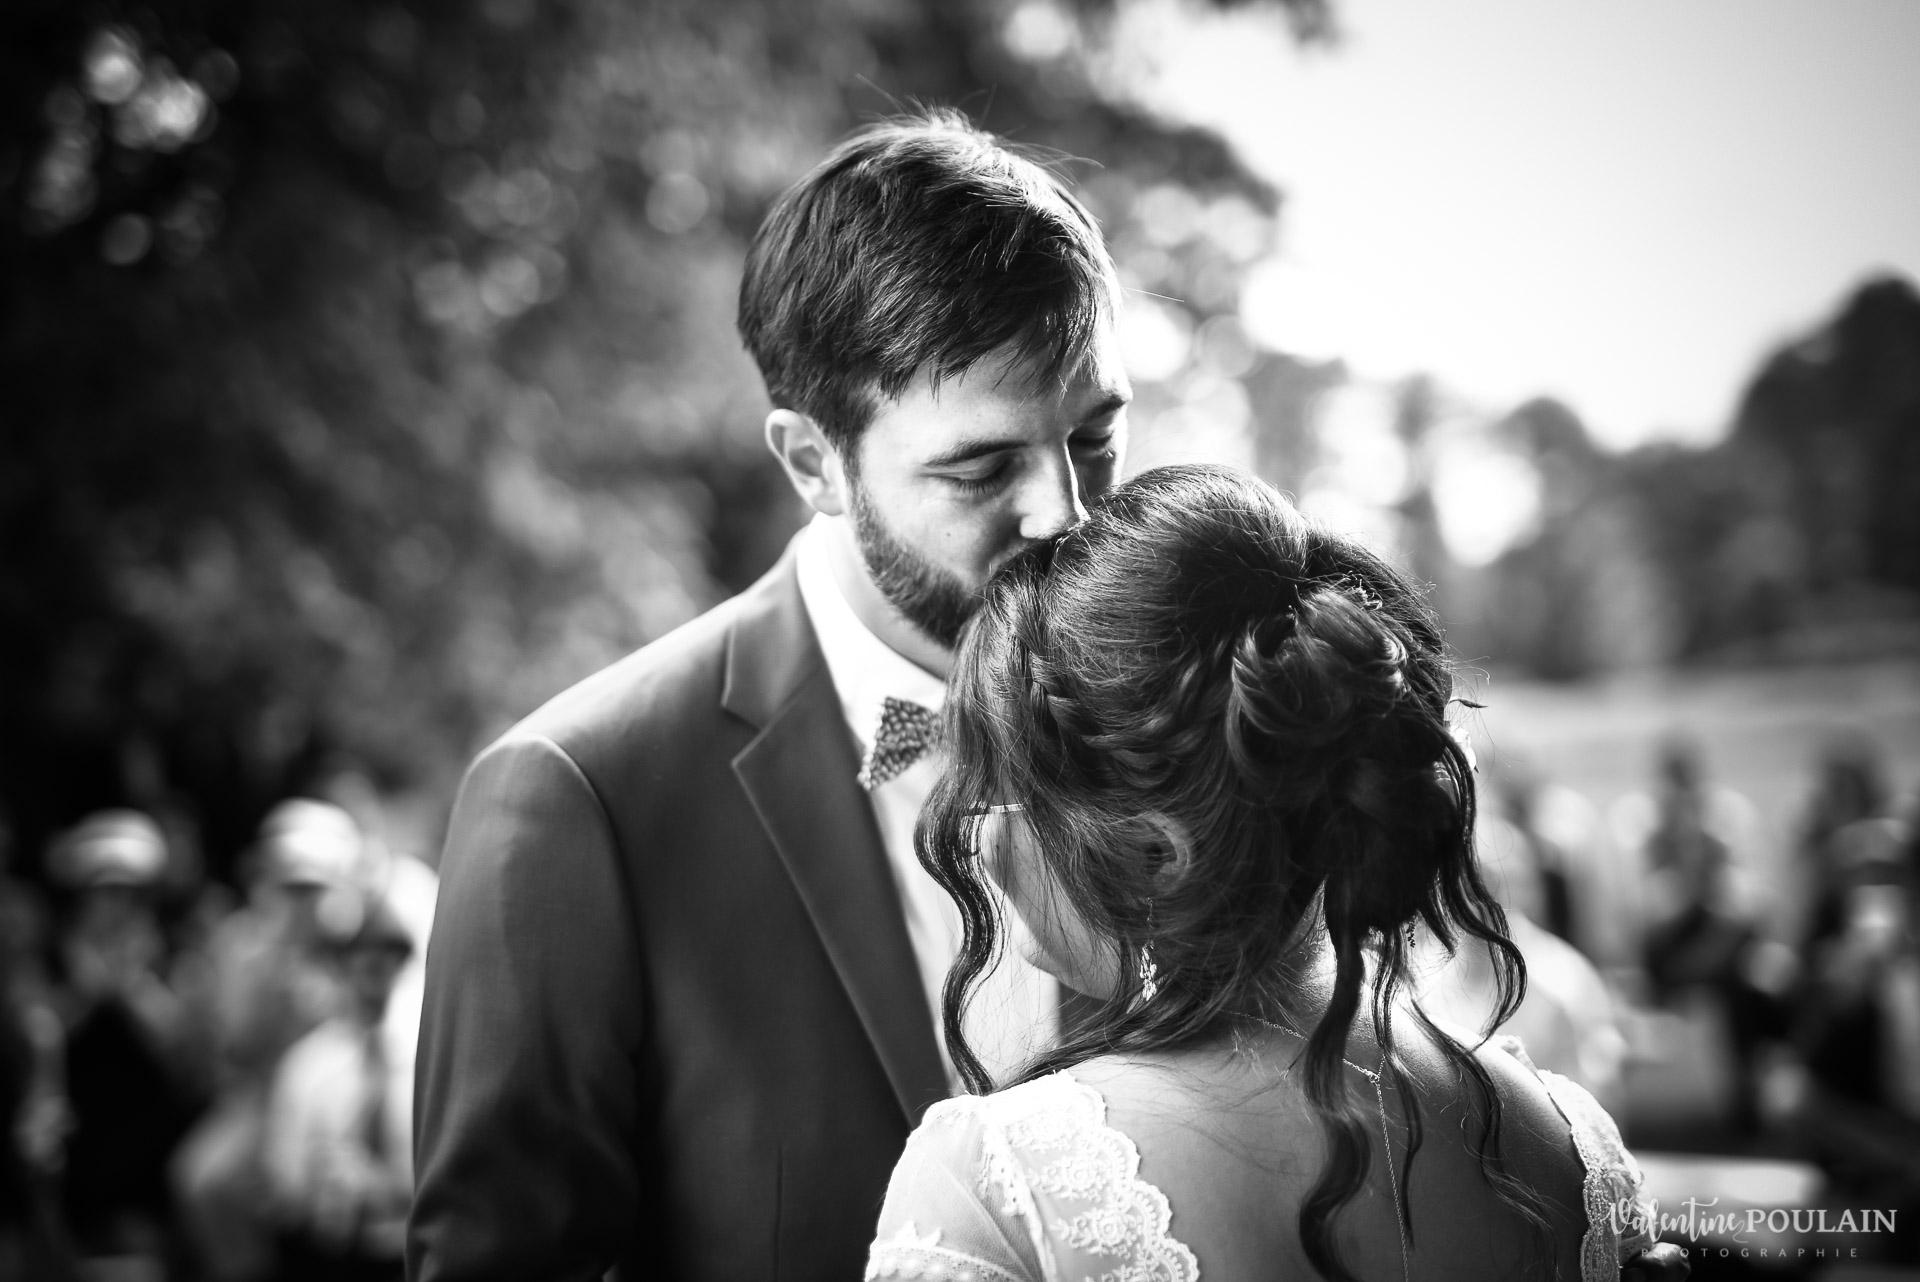 Mariage La Drille au bord de l'eau - Valentine Poulain cérémonie n&b